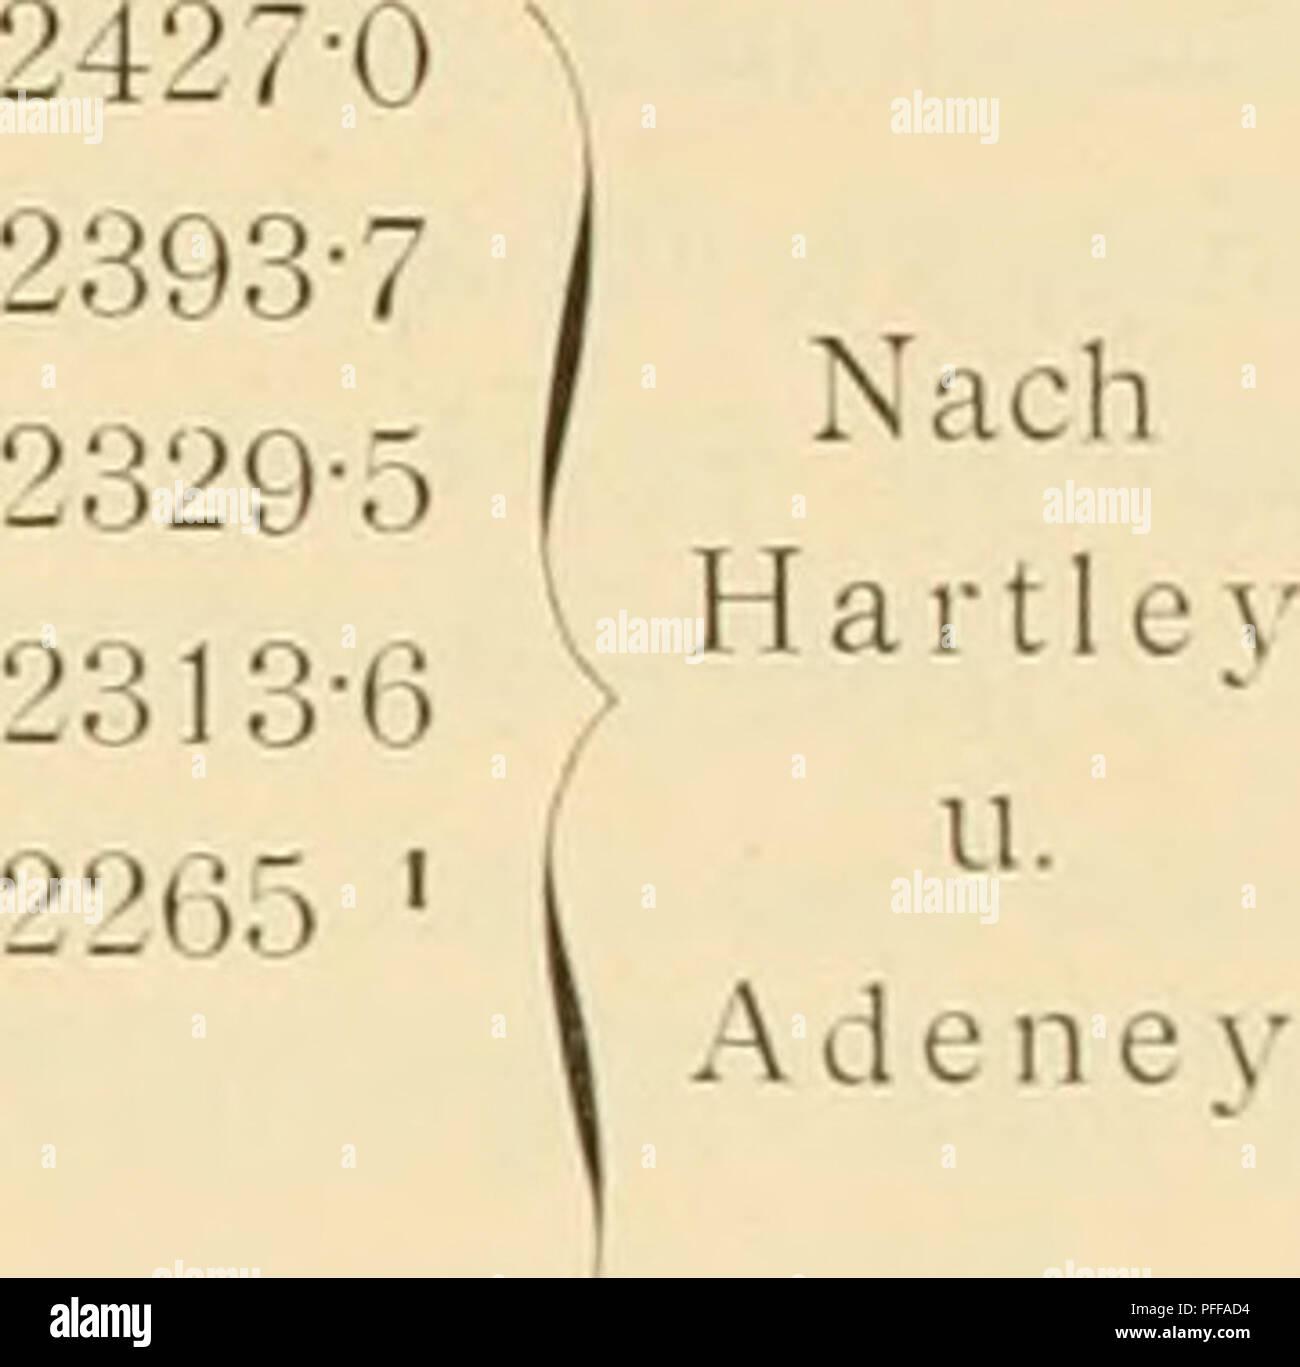 . Denkschriften der Kaiserlichen Akademie der Wissenschaften, Mathematisch-Naturwissenschaftliche Classe. Bcitrcli^c !ir Spccfraldimivsc. Cd . . 2747-1 ' Zn . . 2521-3 Zn . Pb . 2711-5 . 2613-4 1 Nach Zn . Zn . . 2514-7 . 2490-4 Zn . . 2607-6 Hartley Zn . . 2485-9 Cd . . 2572-2 [ u. Pb . . 2475-7 Zn . . 2557-3 ' Adeney Cd . . 2469-3 Zn . . 2526-3 Zn . . 2441-6 Zn . . Pb . . Nach Cd . . Hartlev Cd , . . u. Cd . . A d e n e - ^. Beschreibung des Emissions-Spectrums des Ammoniaks. Bei der Untersuchung des Emissions-Spectrums der Ammoniak-Sauerstoff-Flamme tritt die Über- legenheit der photograp - Stock Image